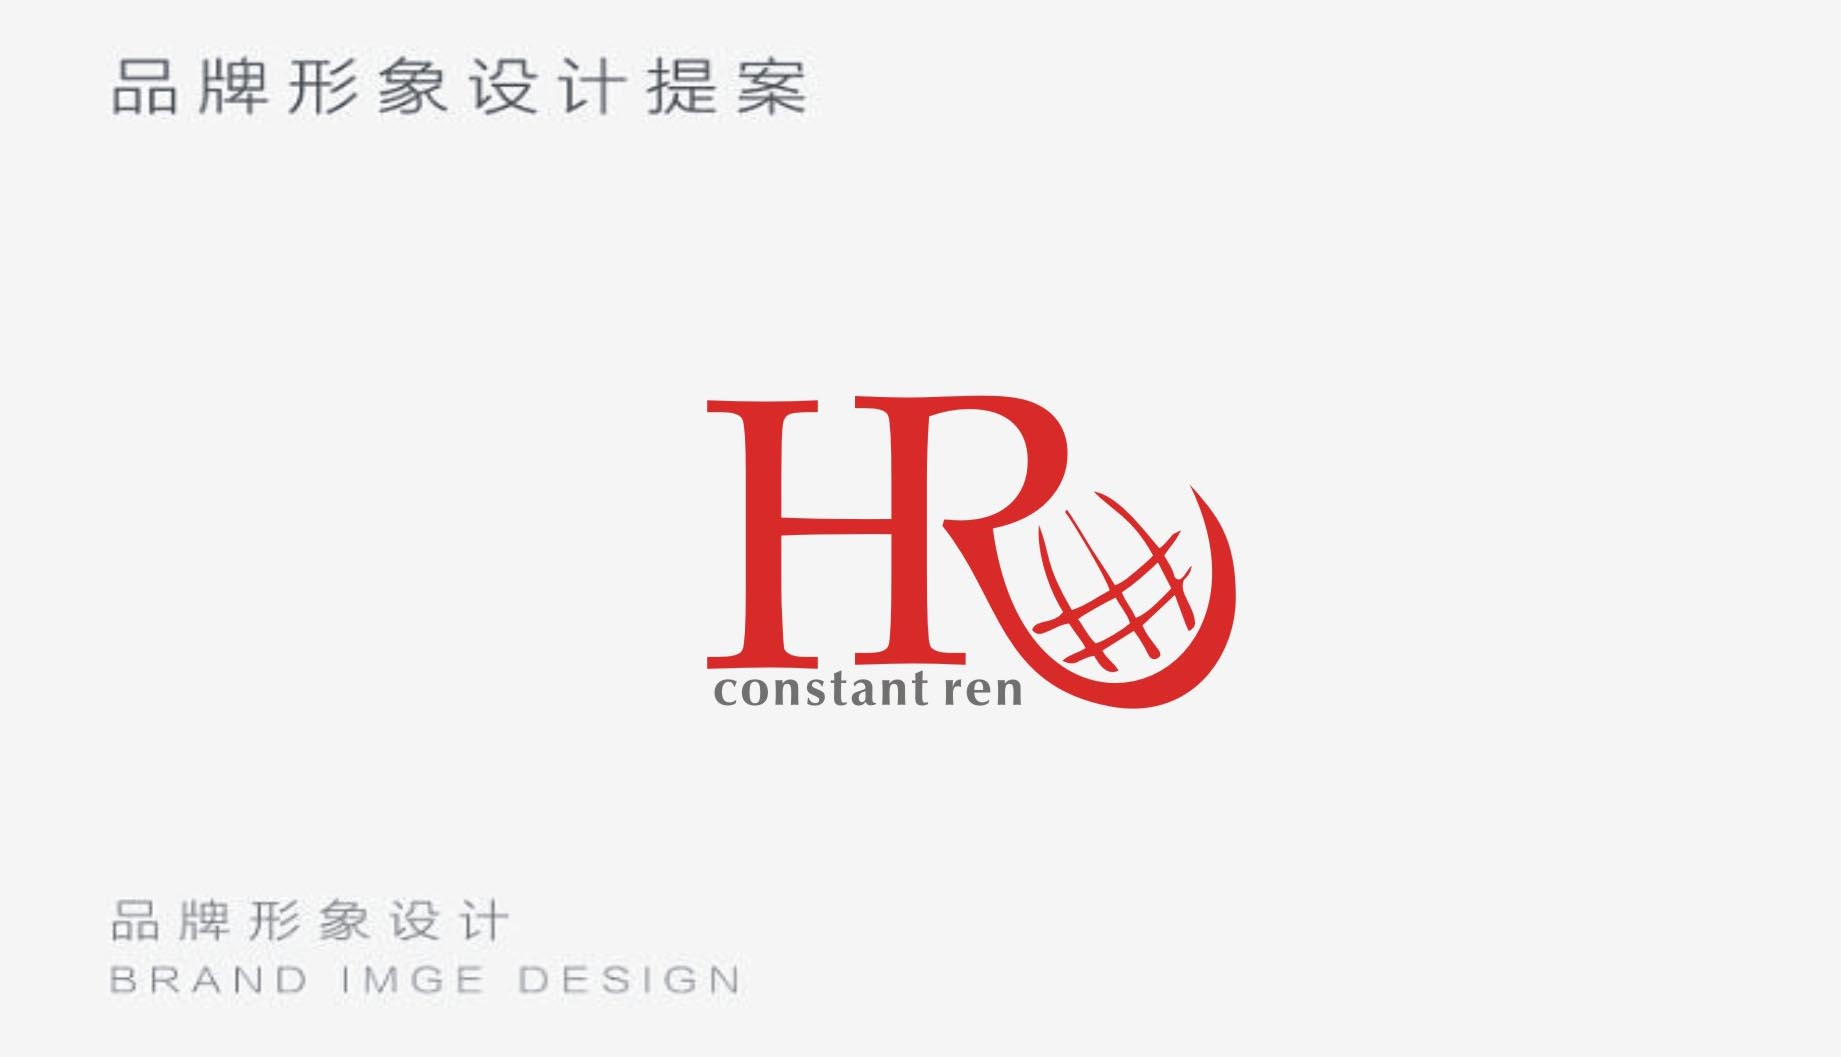 公司名对应英文名及logo设计_3034911_k68威客网